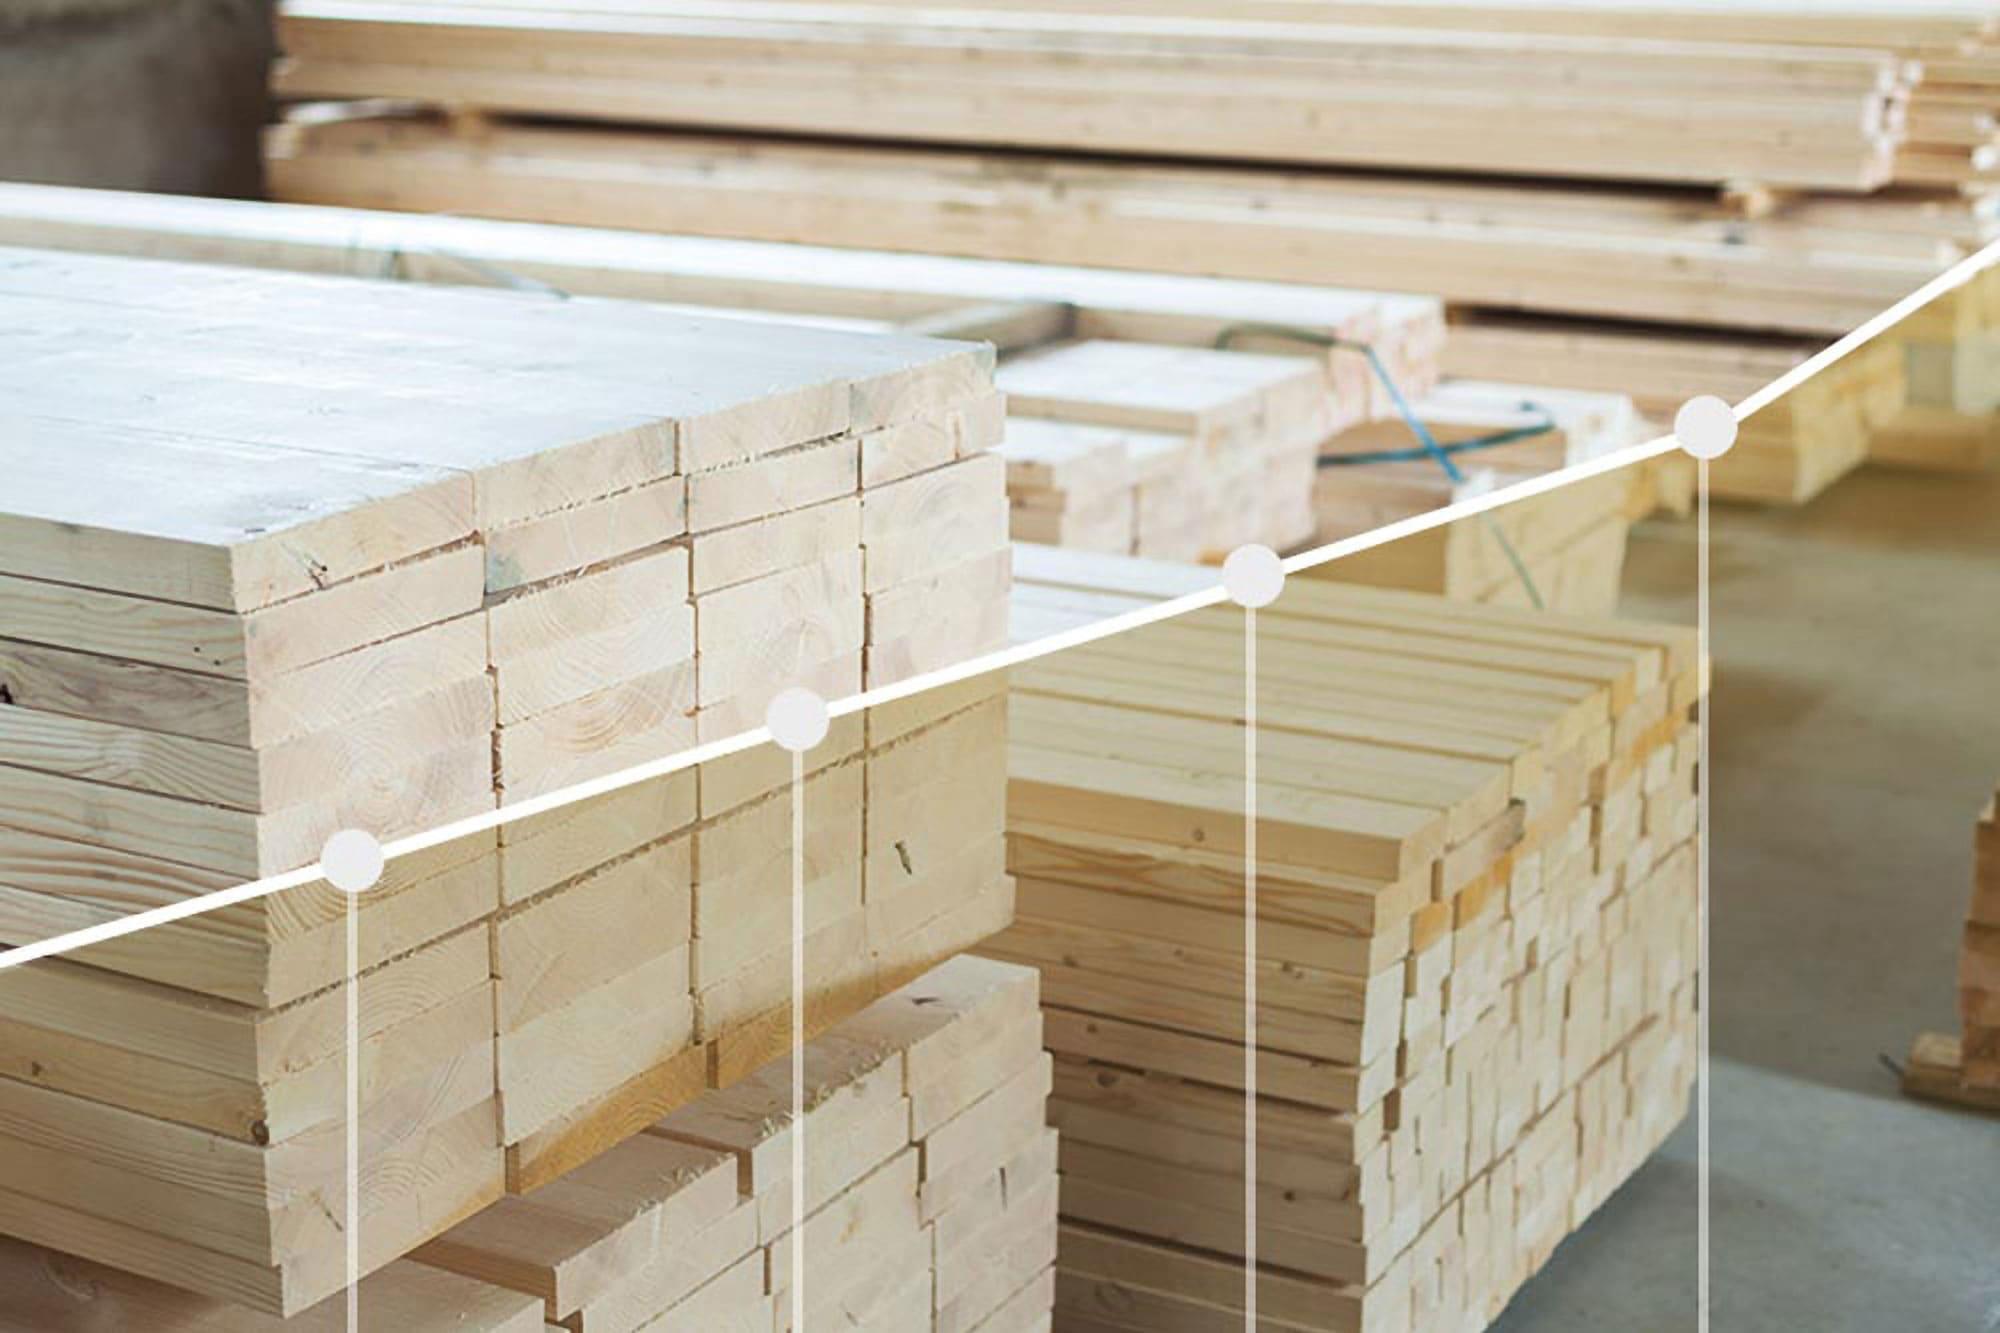 Kā kokmateriālu izmaksas ietekmē kopņu cenas 2021.gadā 2